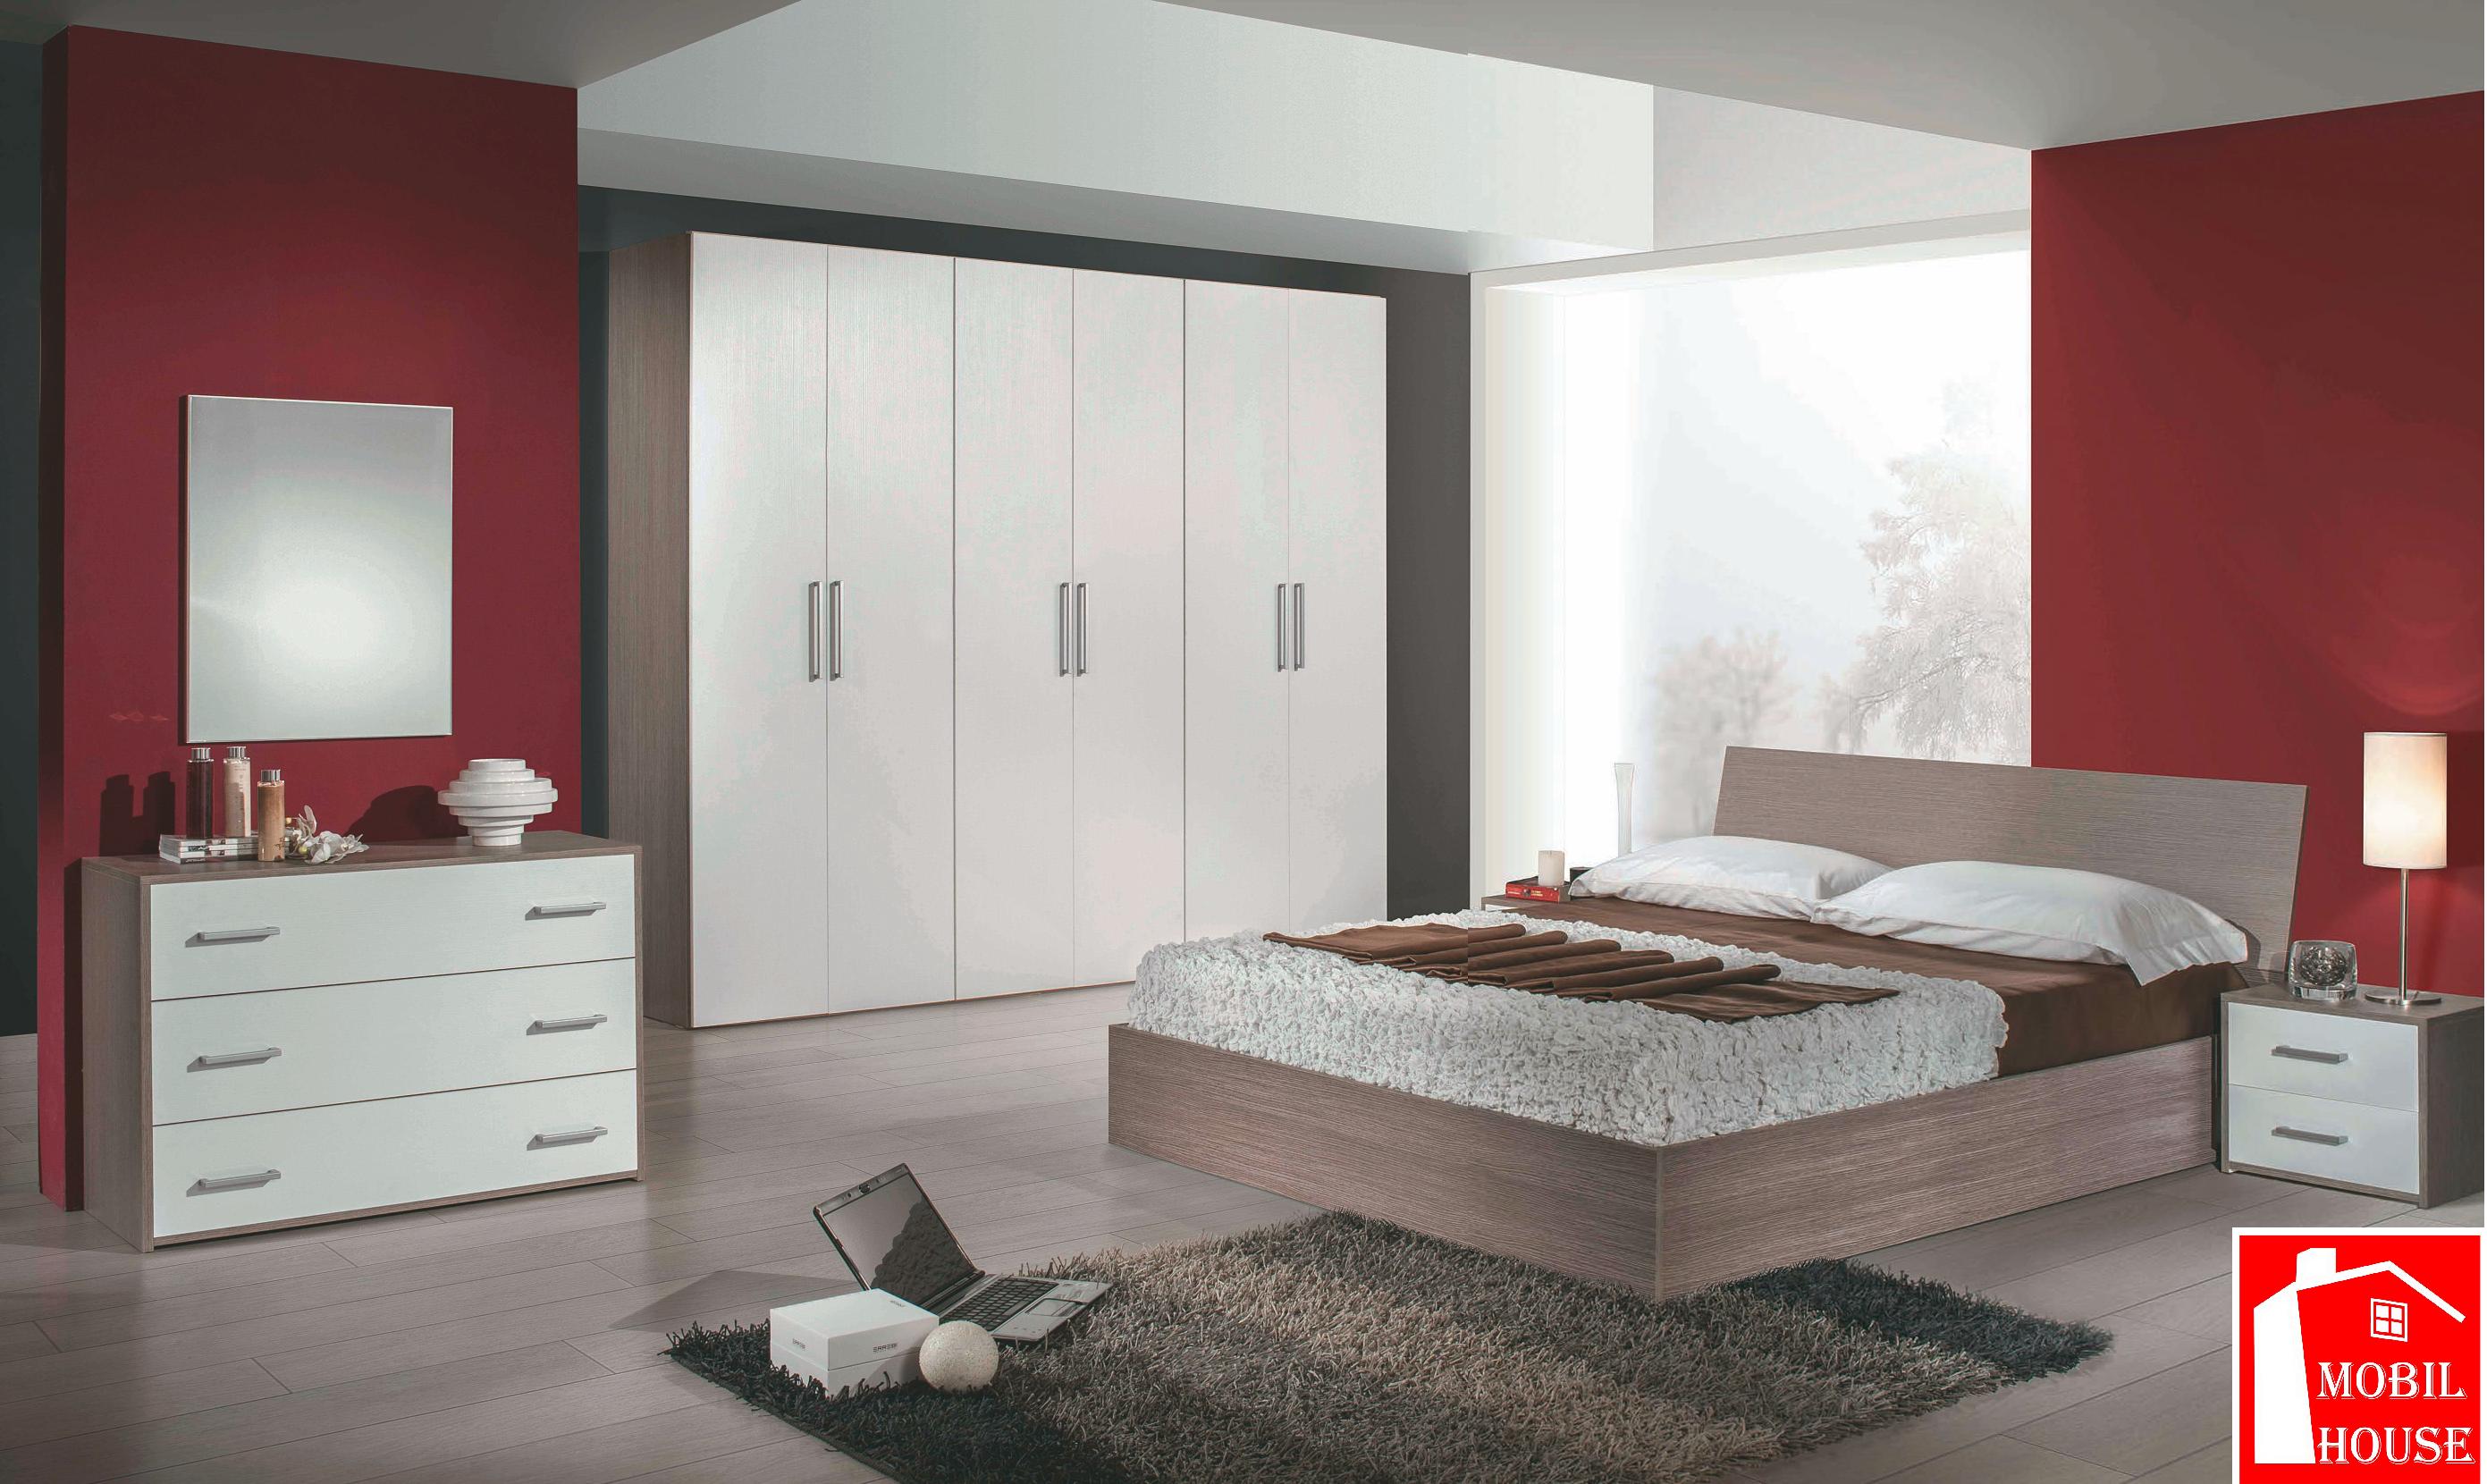 Camera da letto Rosy contenitore - MobilHouse Arredamenti